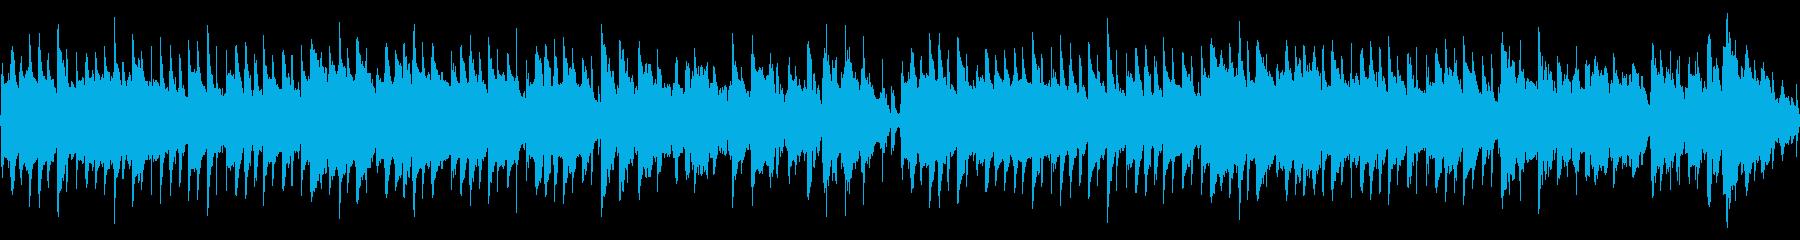 イージーリスニング 木琴 バイオリ...の再生済みの波形